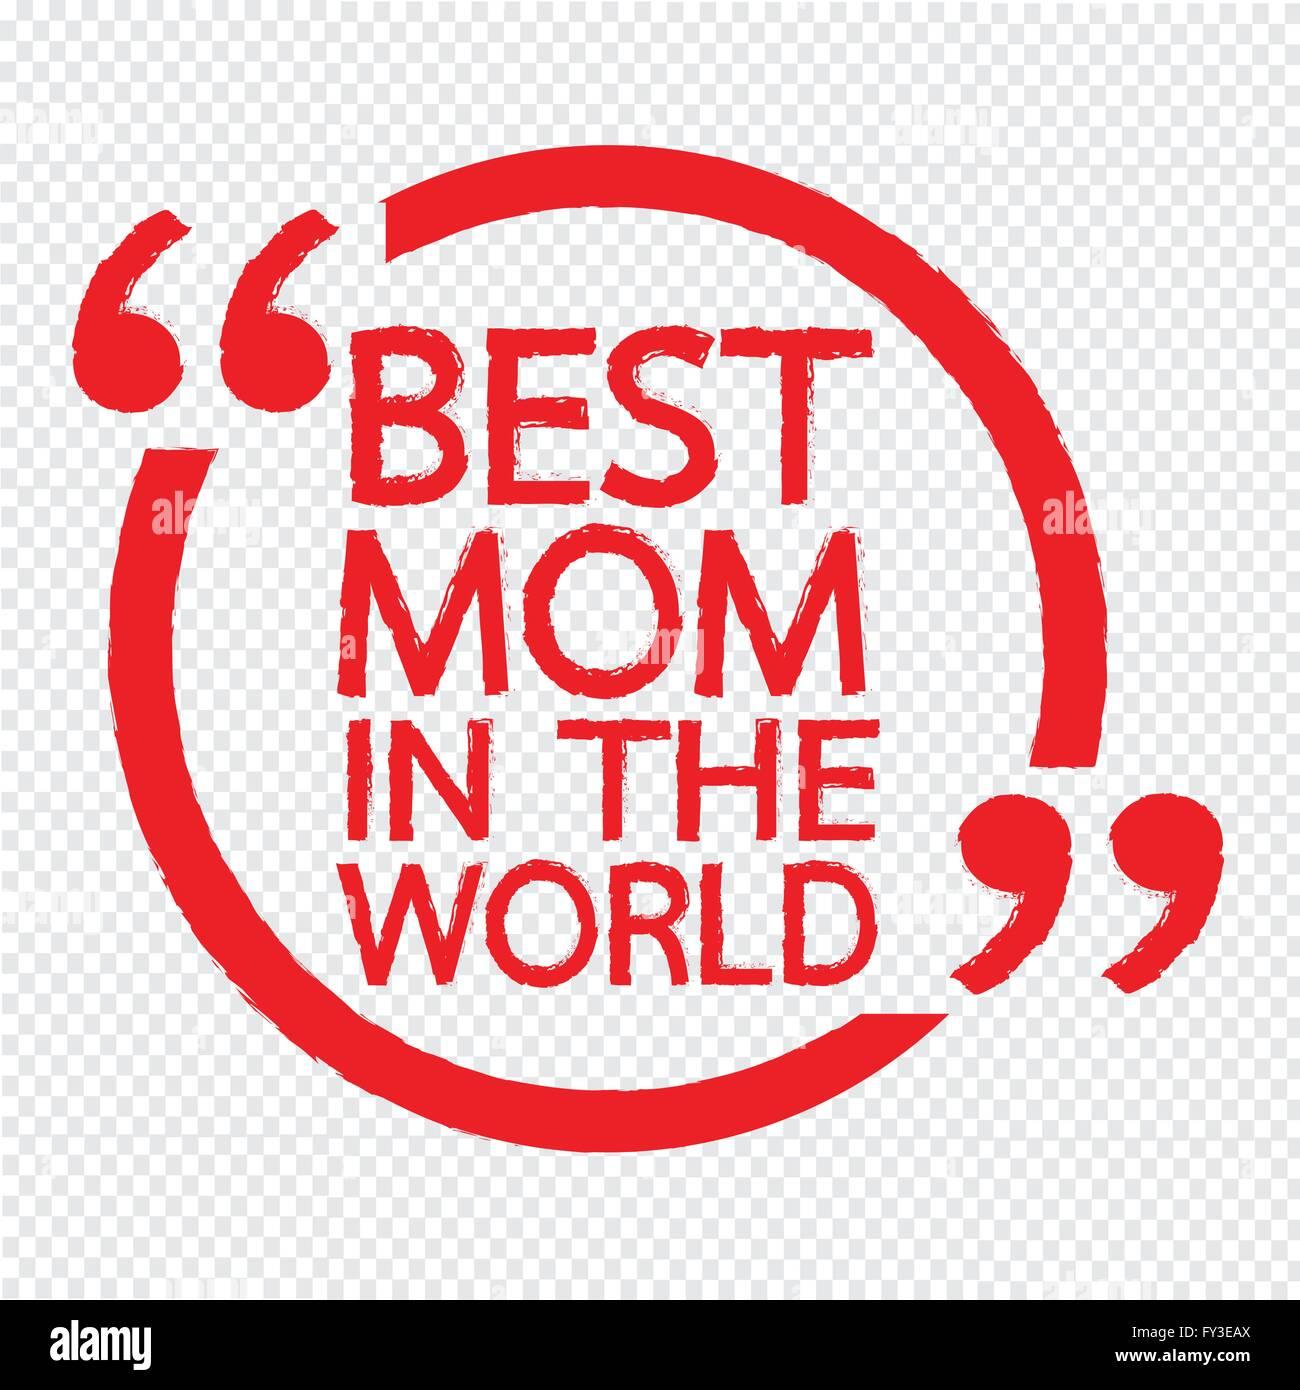 Best Mom In The World Lettering Illustration Design Stock